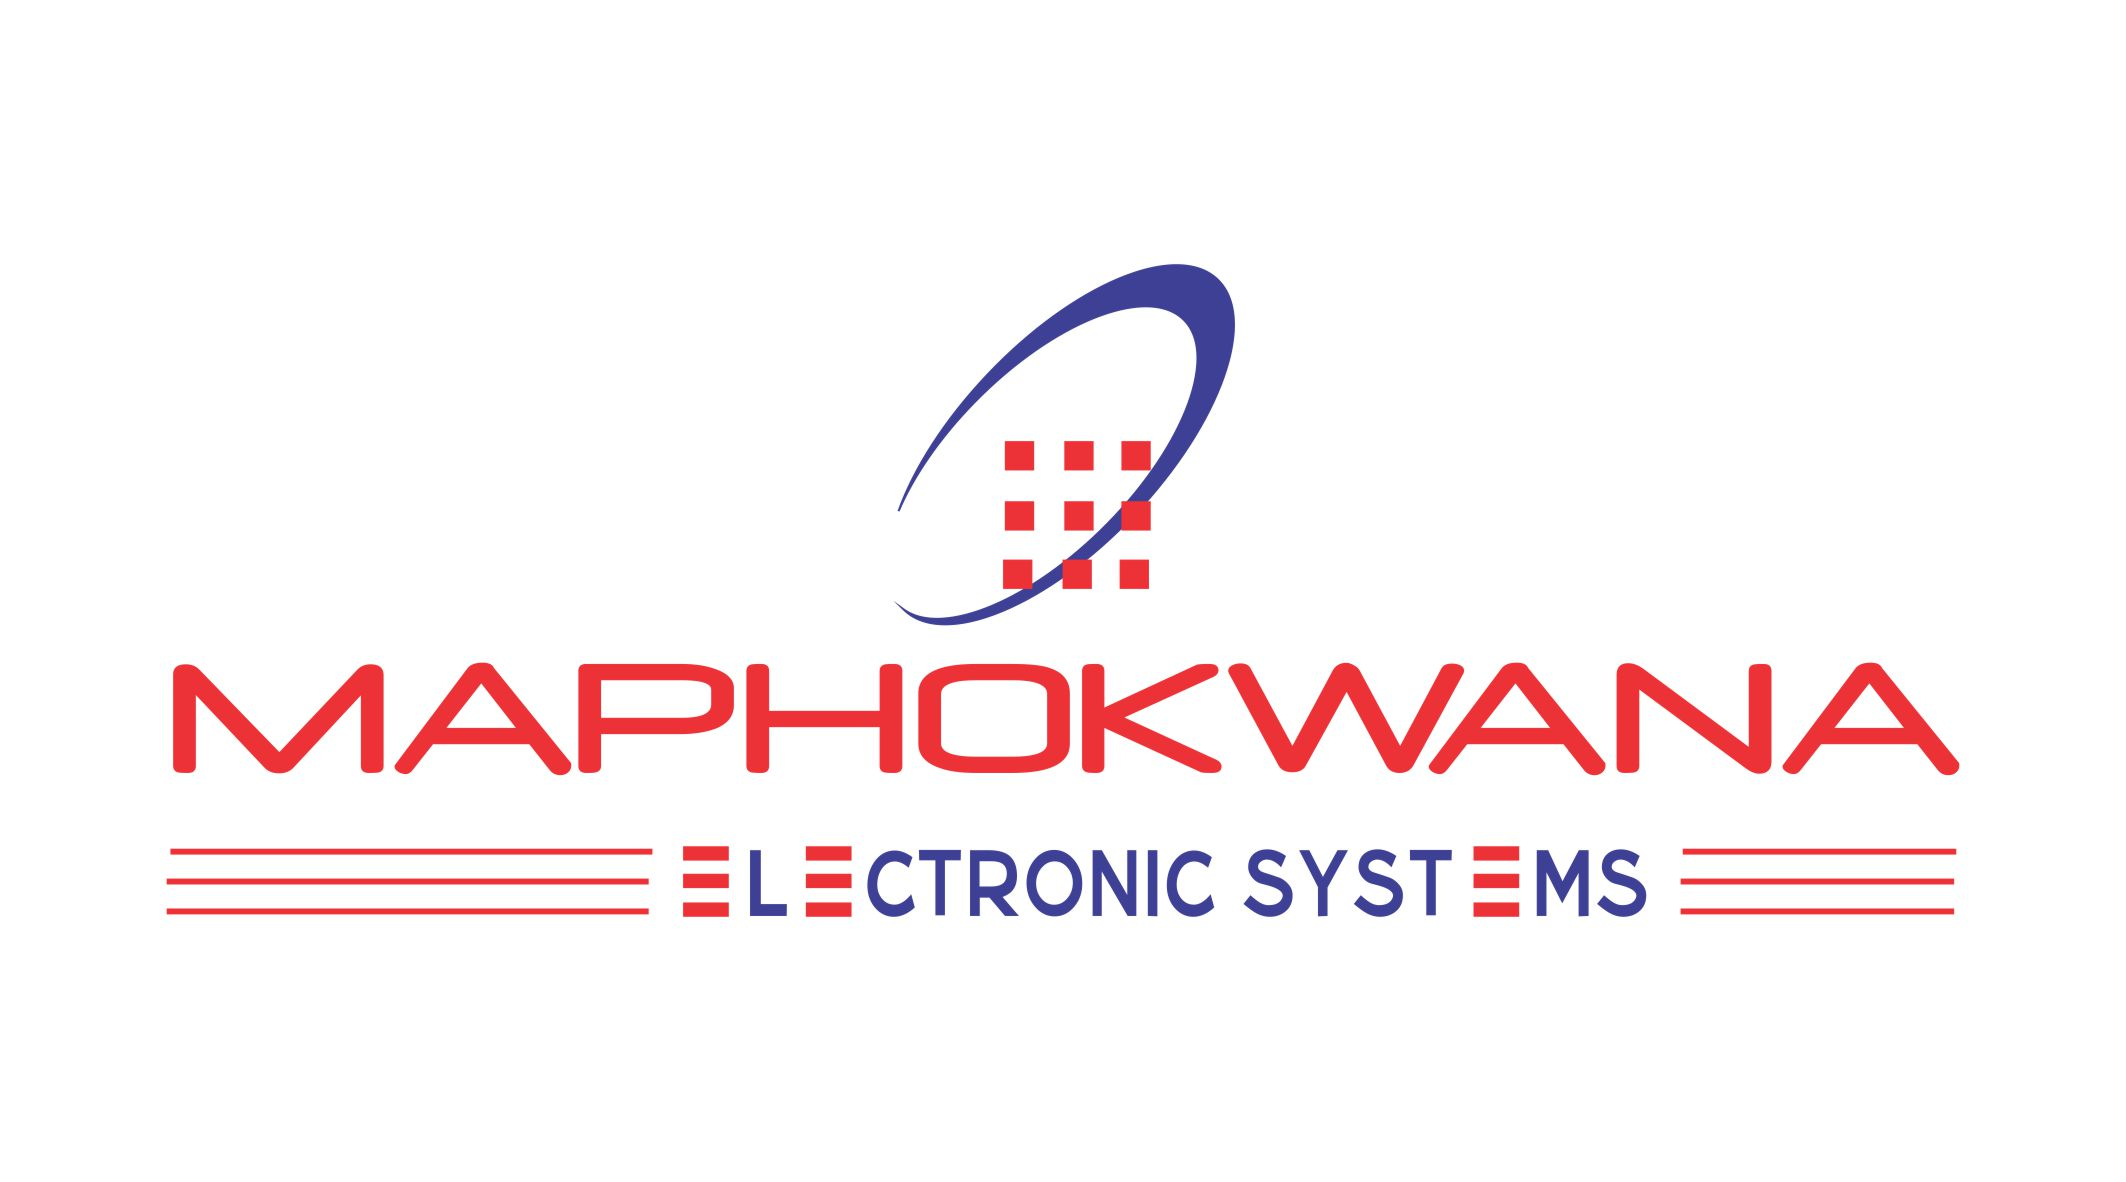 Maphokwana